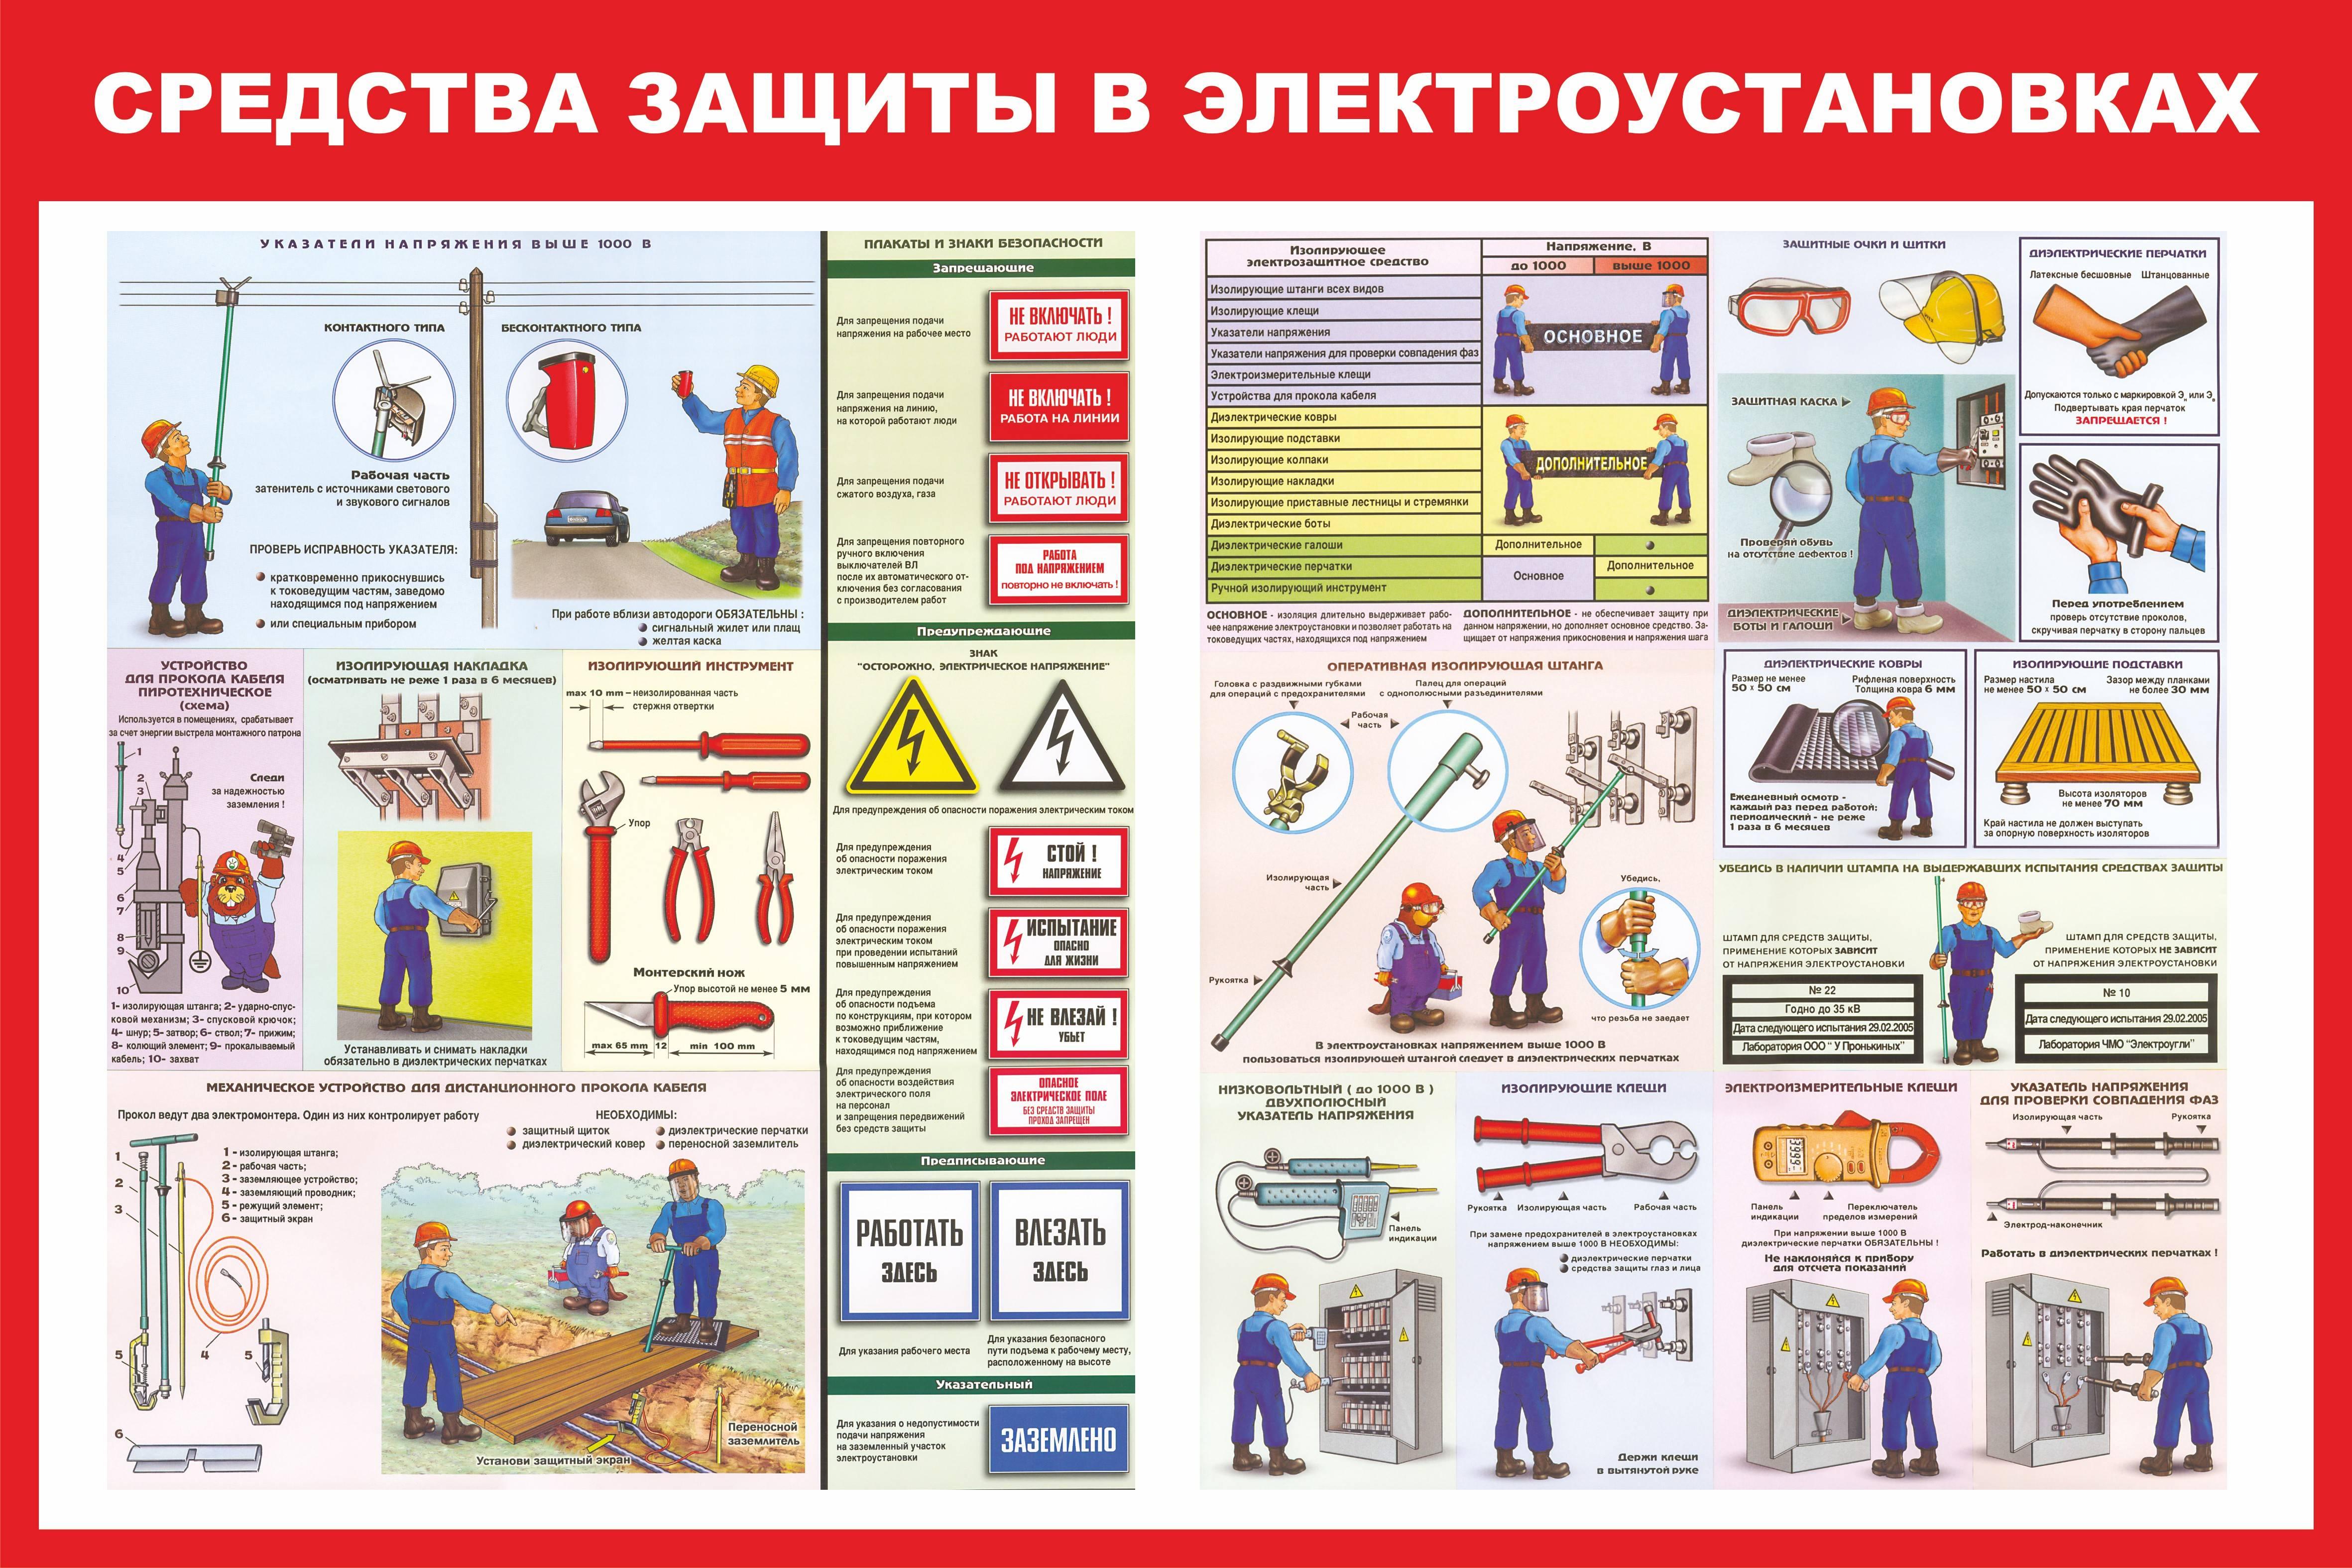 Основные и дополнительные средства защиты в электроустановках